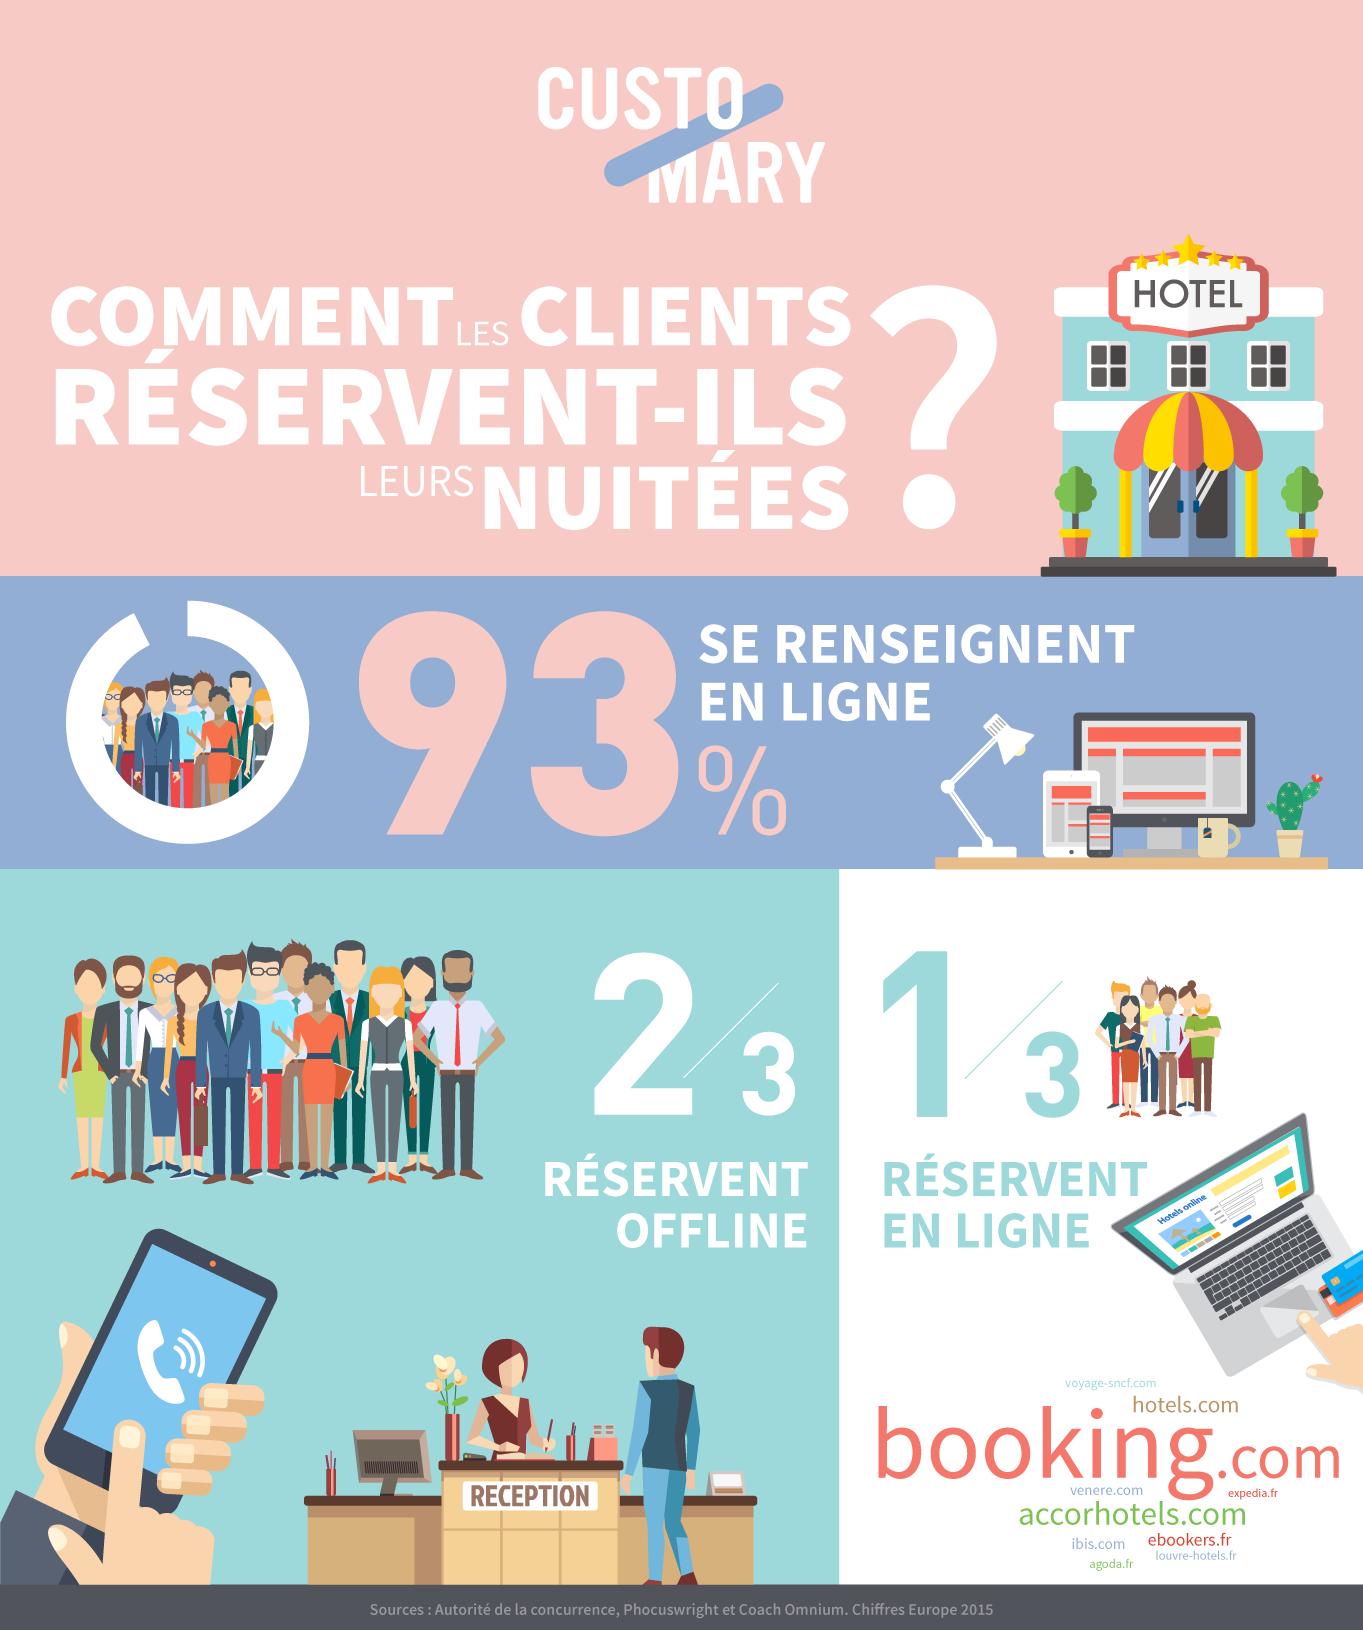 Hôteliers, faîtes de votre site web une destination !